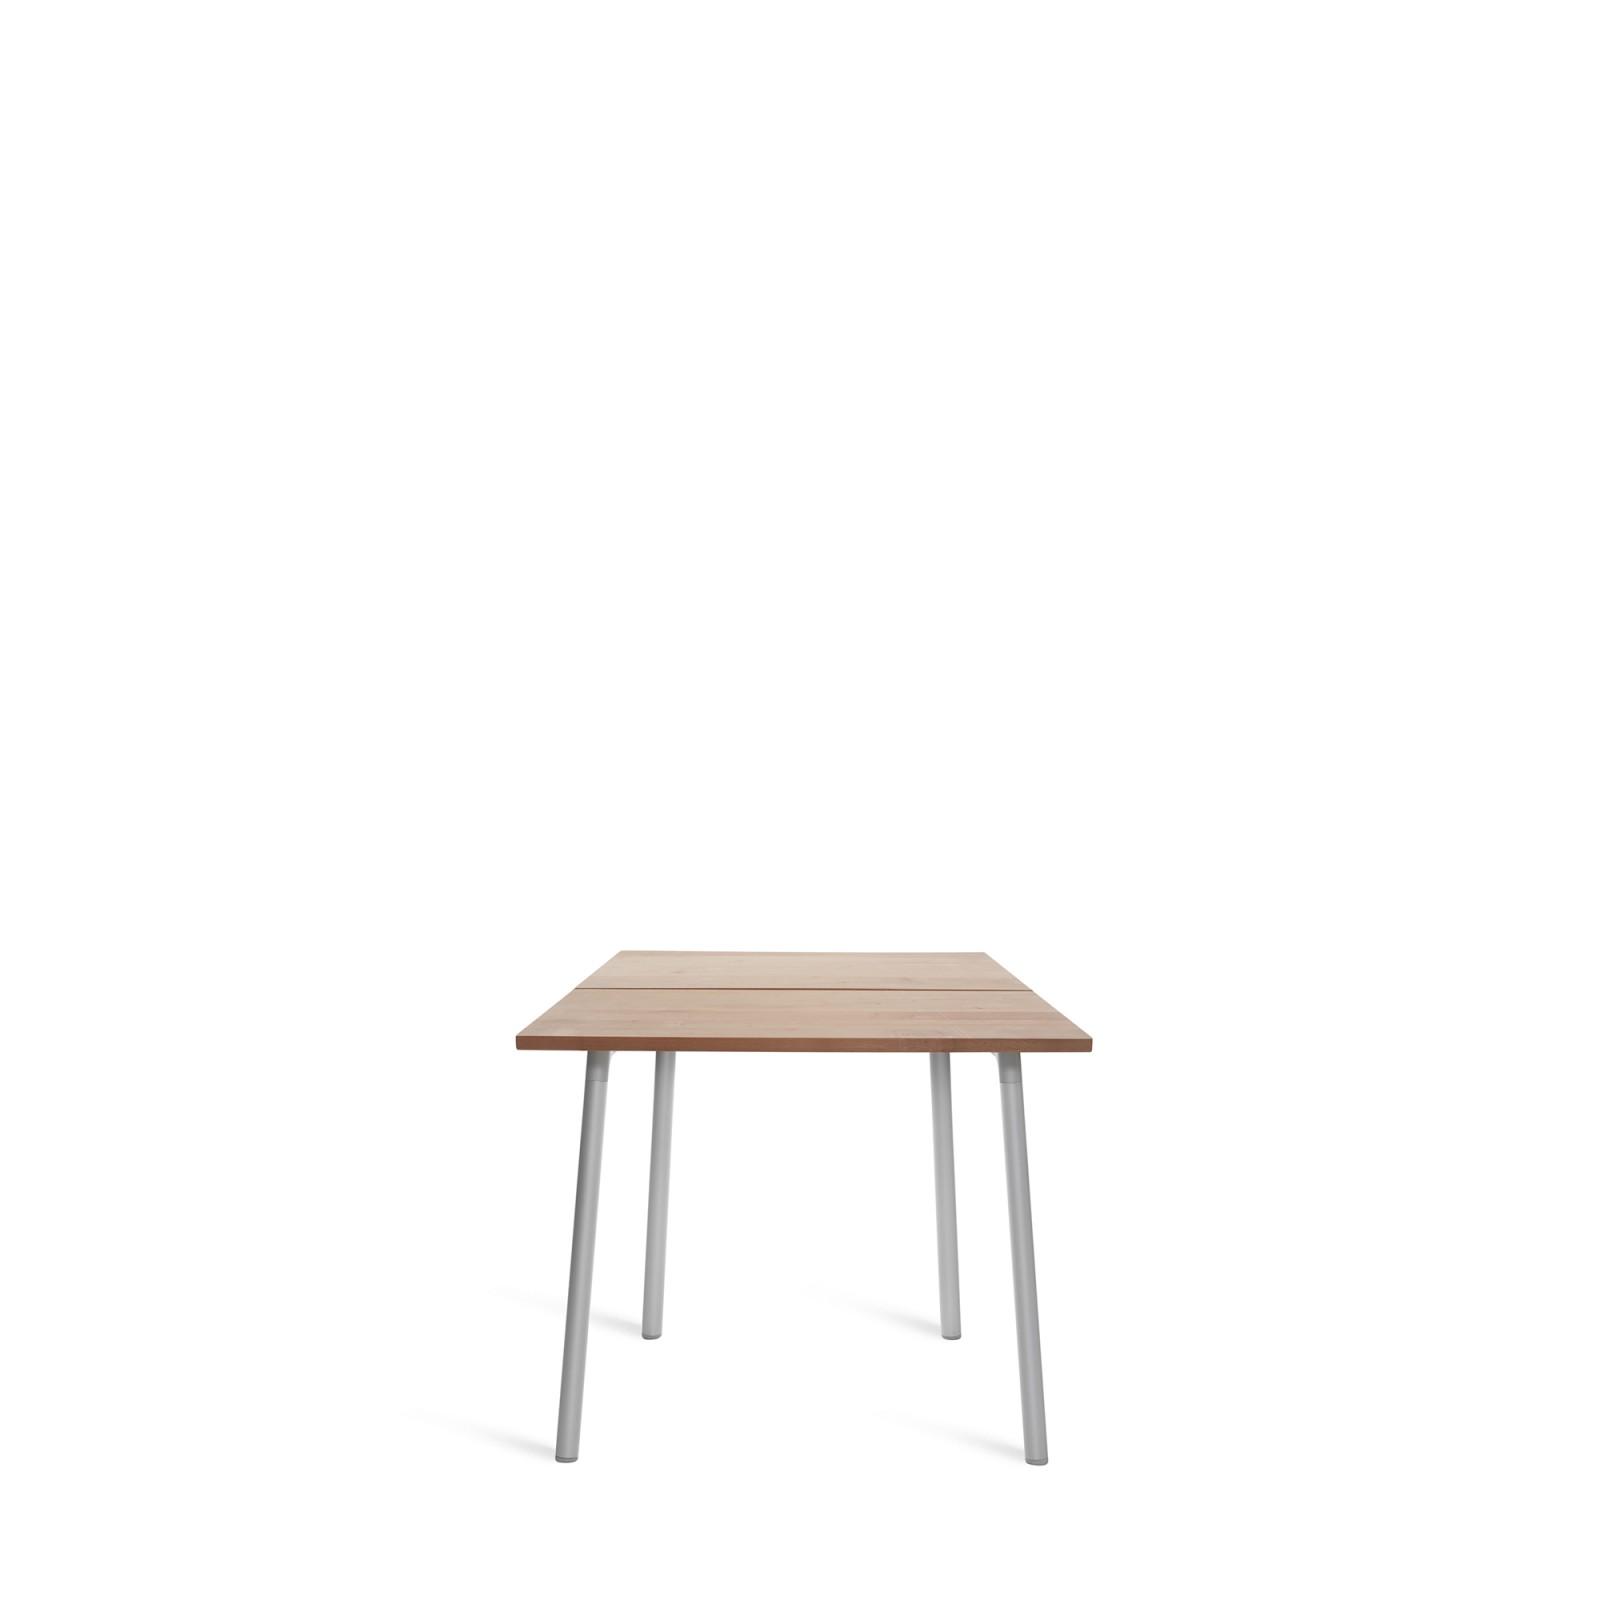 Run Dining Table 83cm, Aluminium, Cedar Top